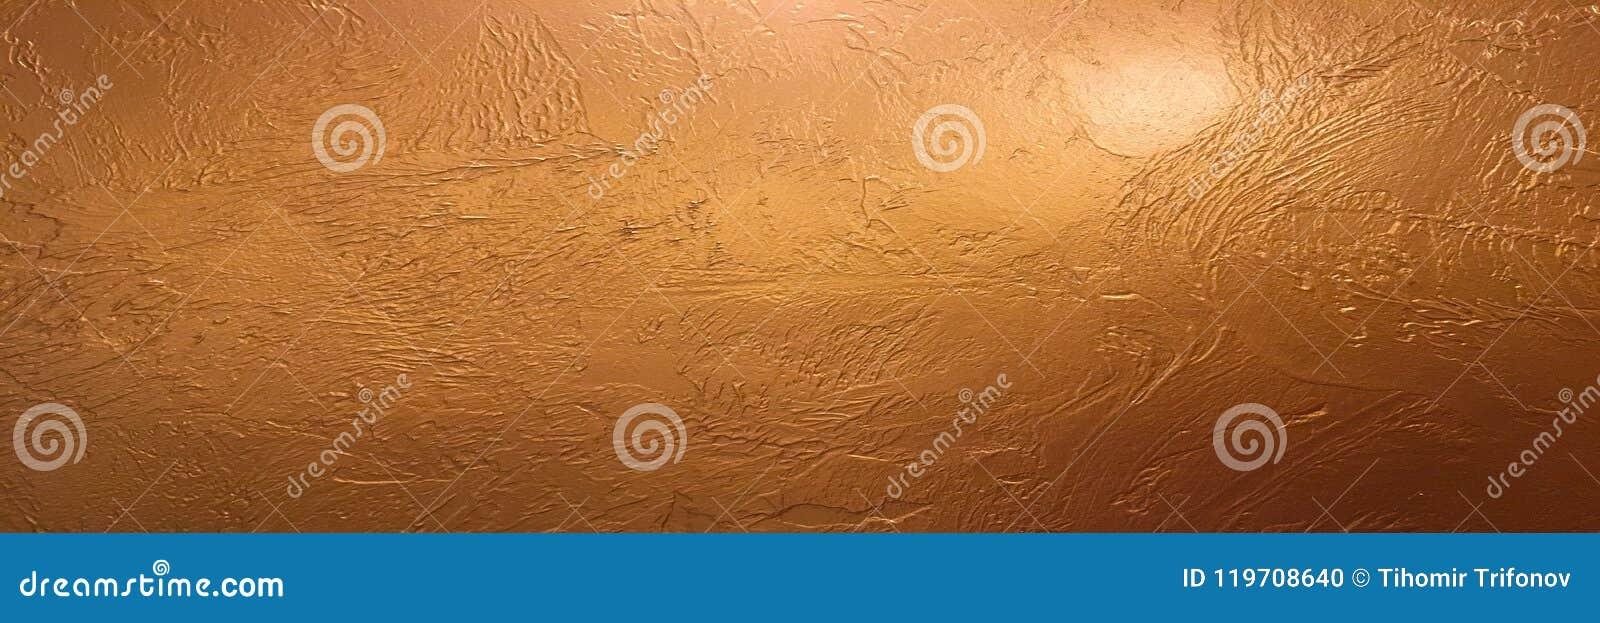 Złocisty tła, tekstury lub gradientów cień Błyszczący żółty liść złocistej folii tekstury tło Złocisty tło papier, tekstura jest